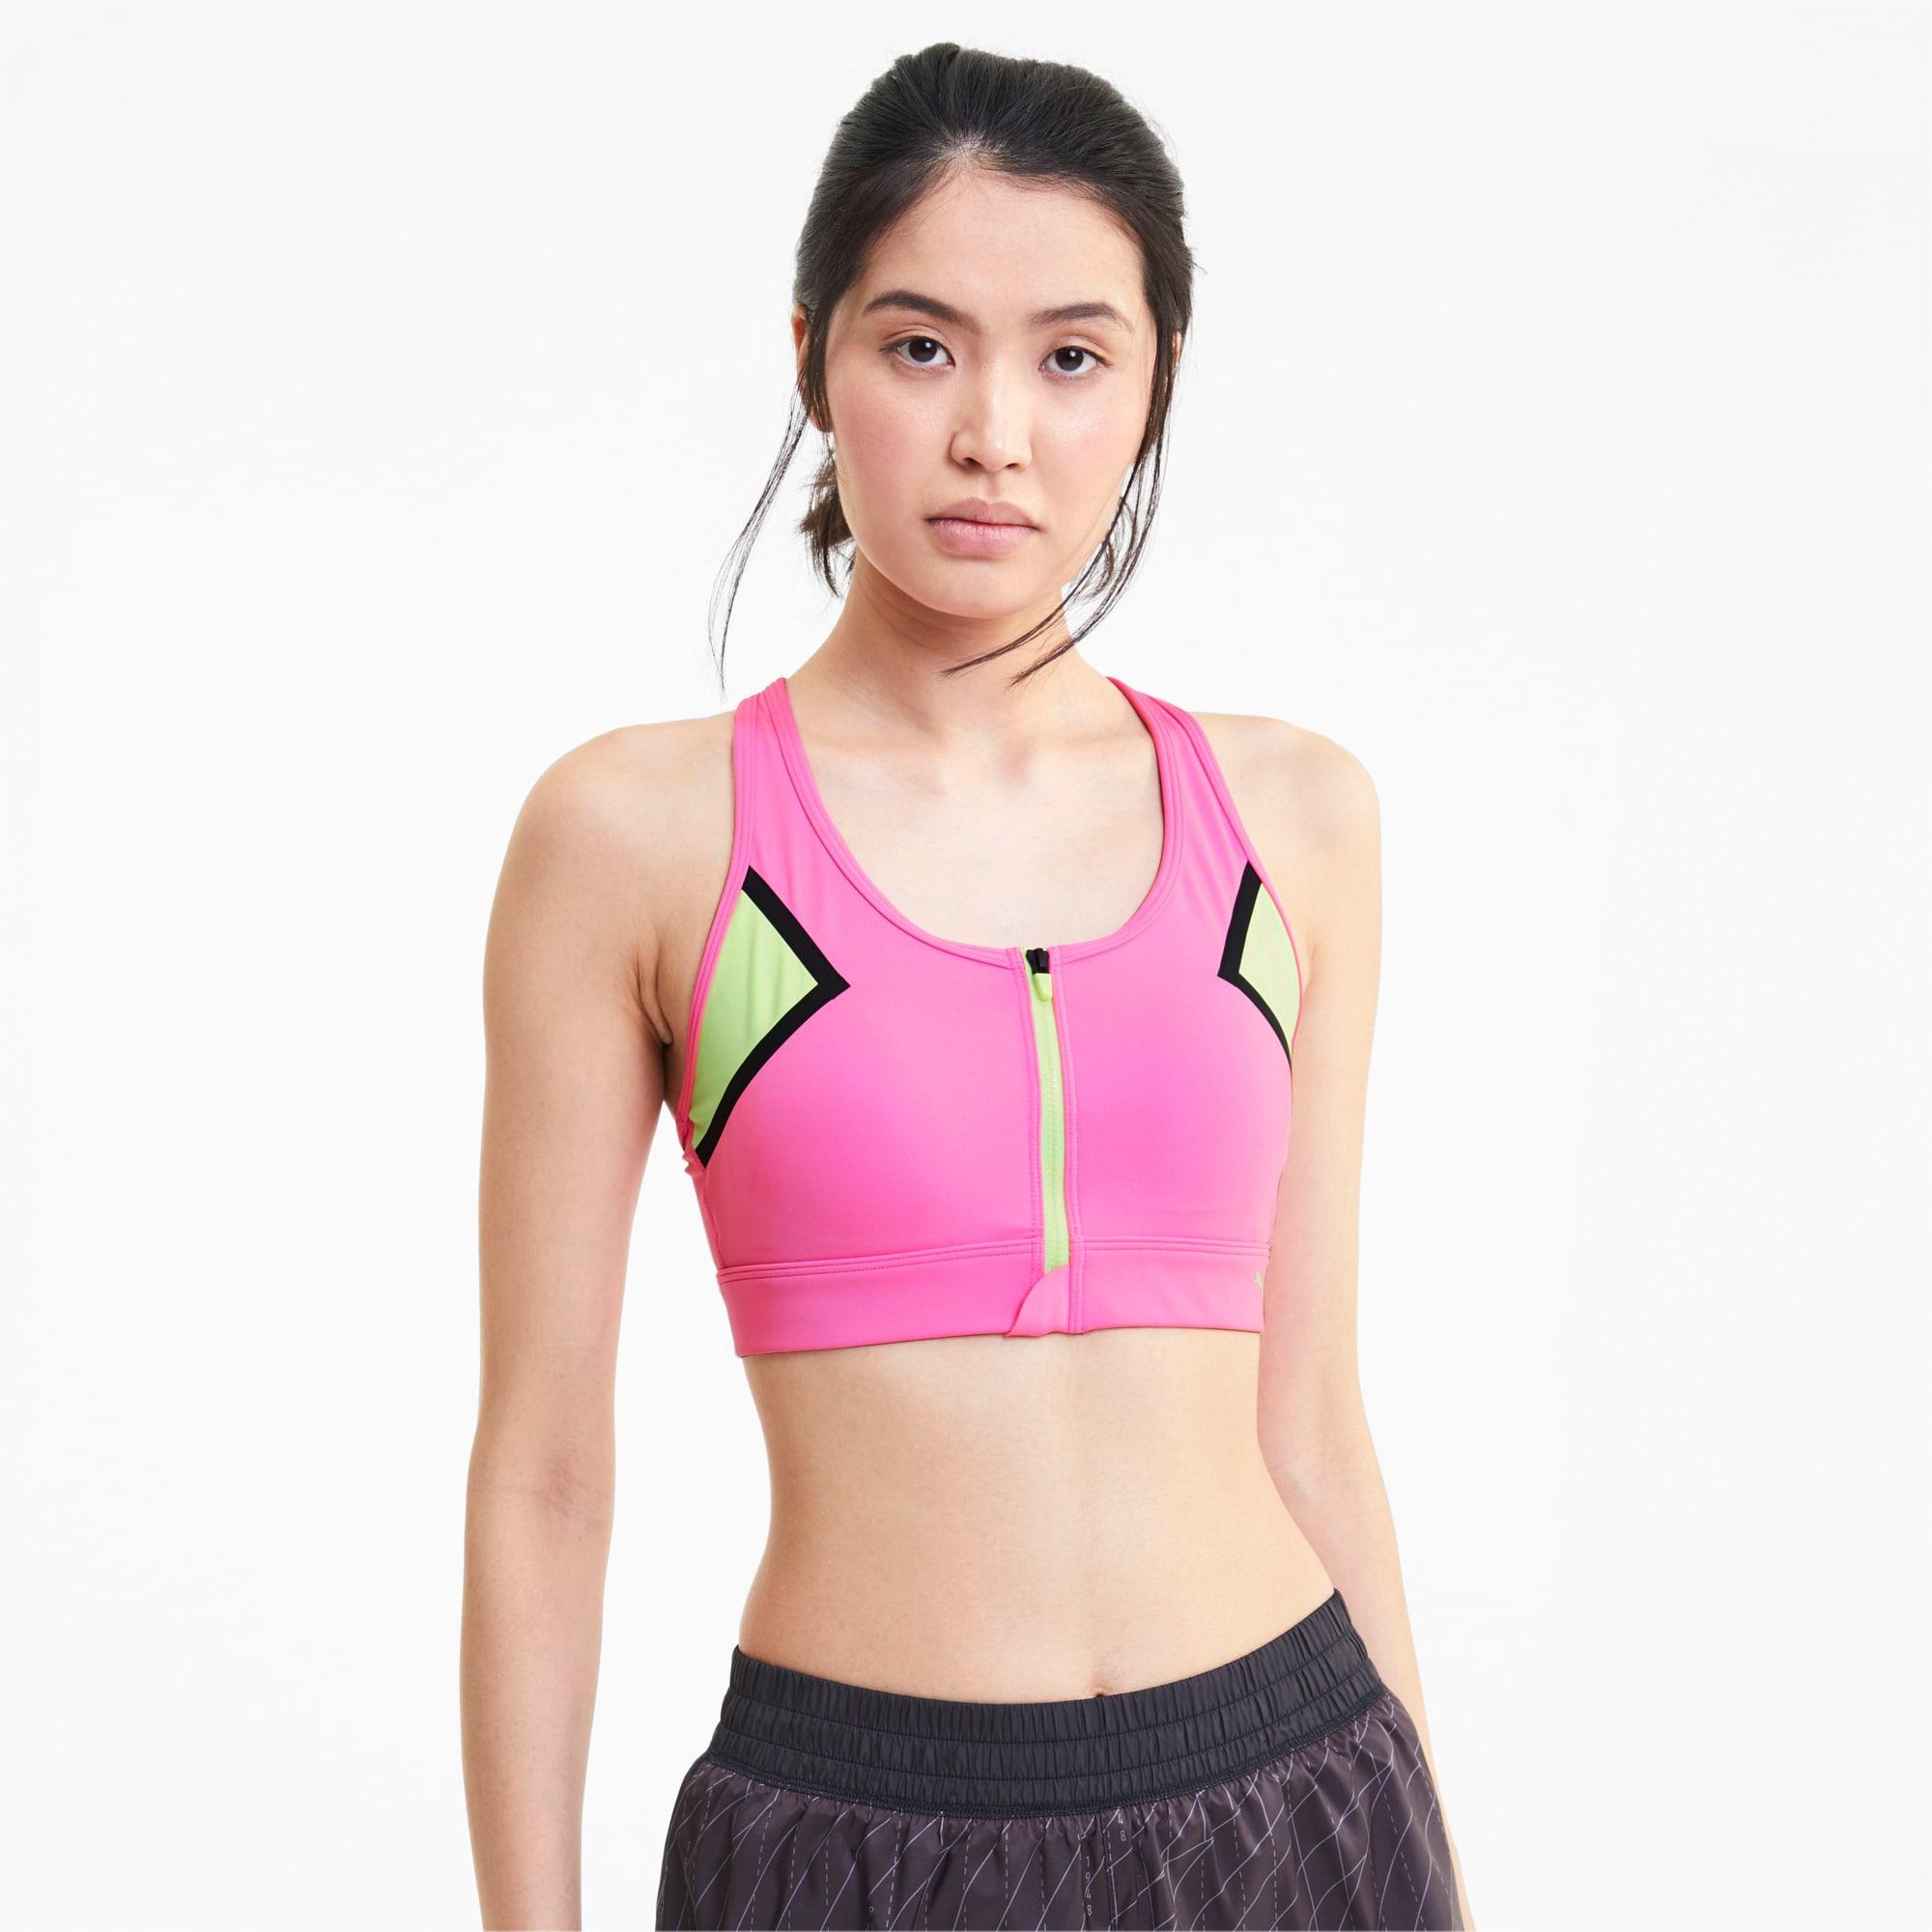 High Impact Front Zip Women's Training Bra